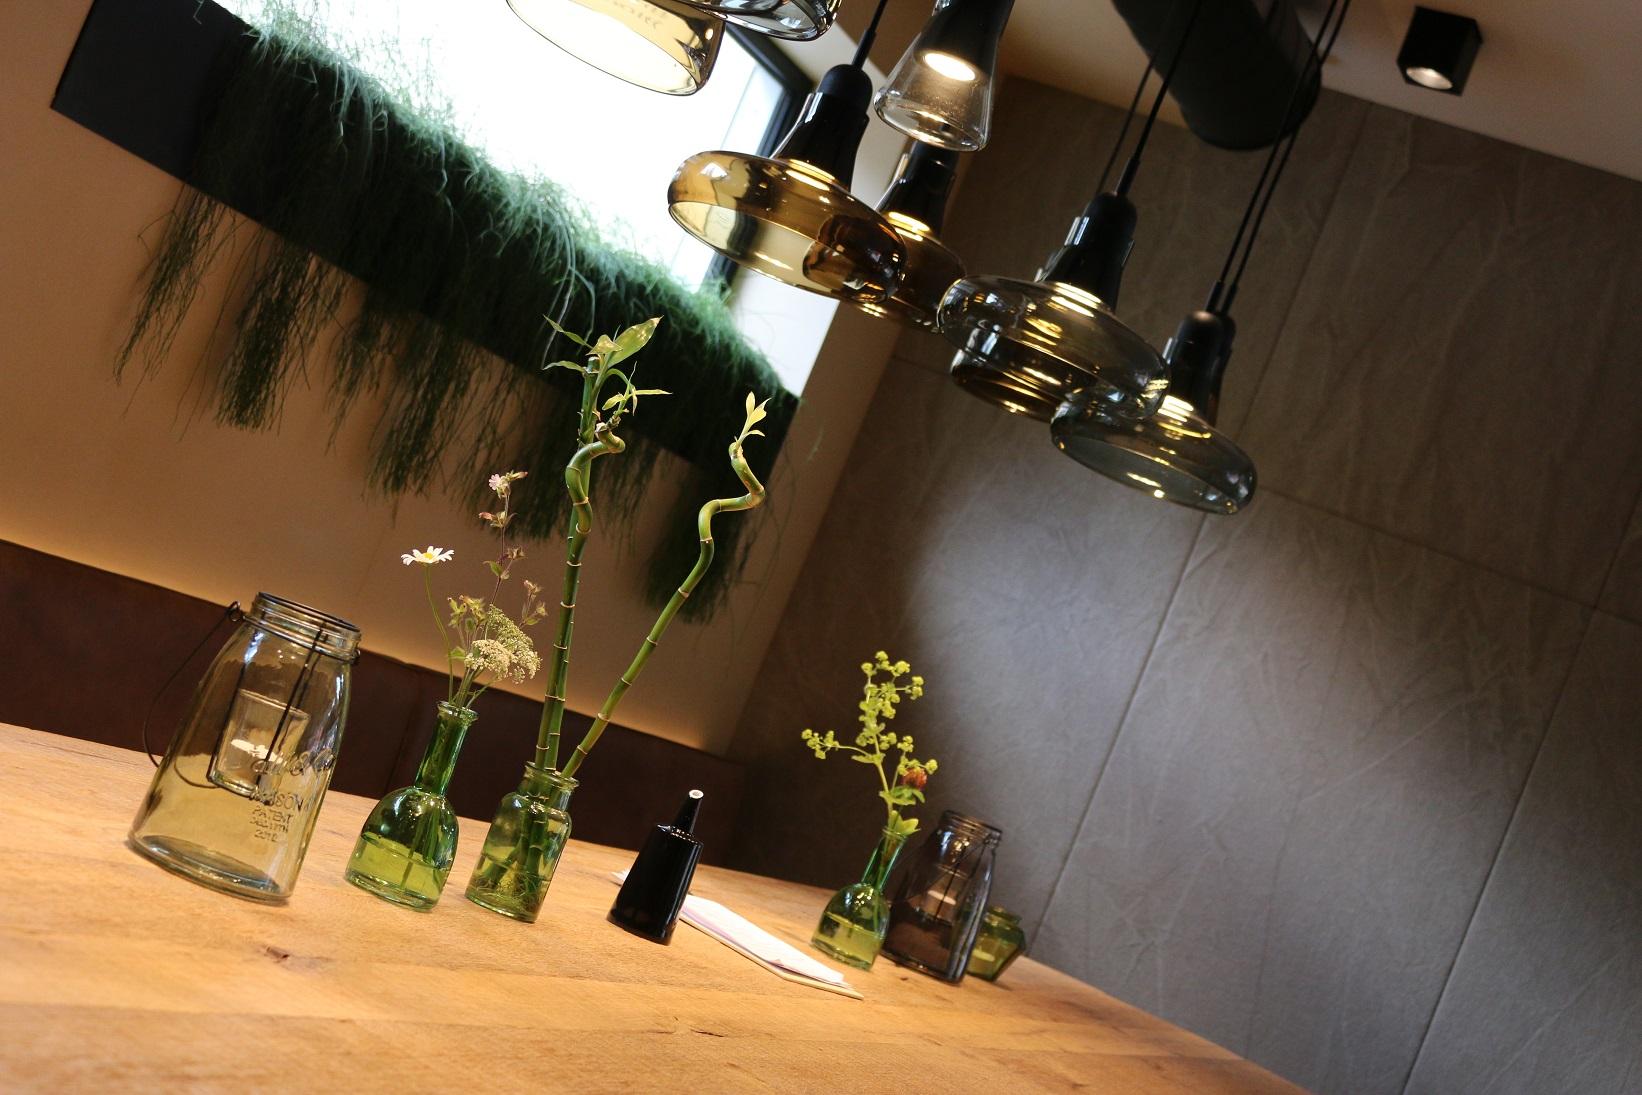 Batistro Lech table decor